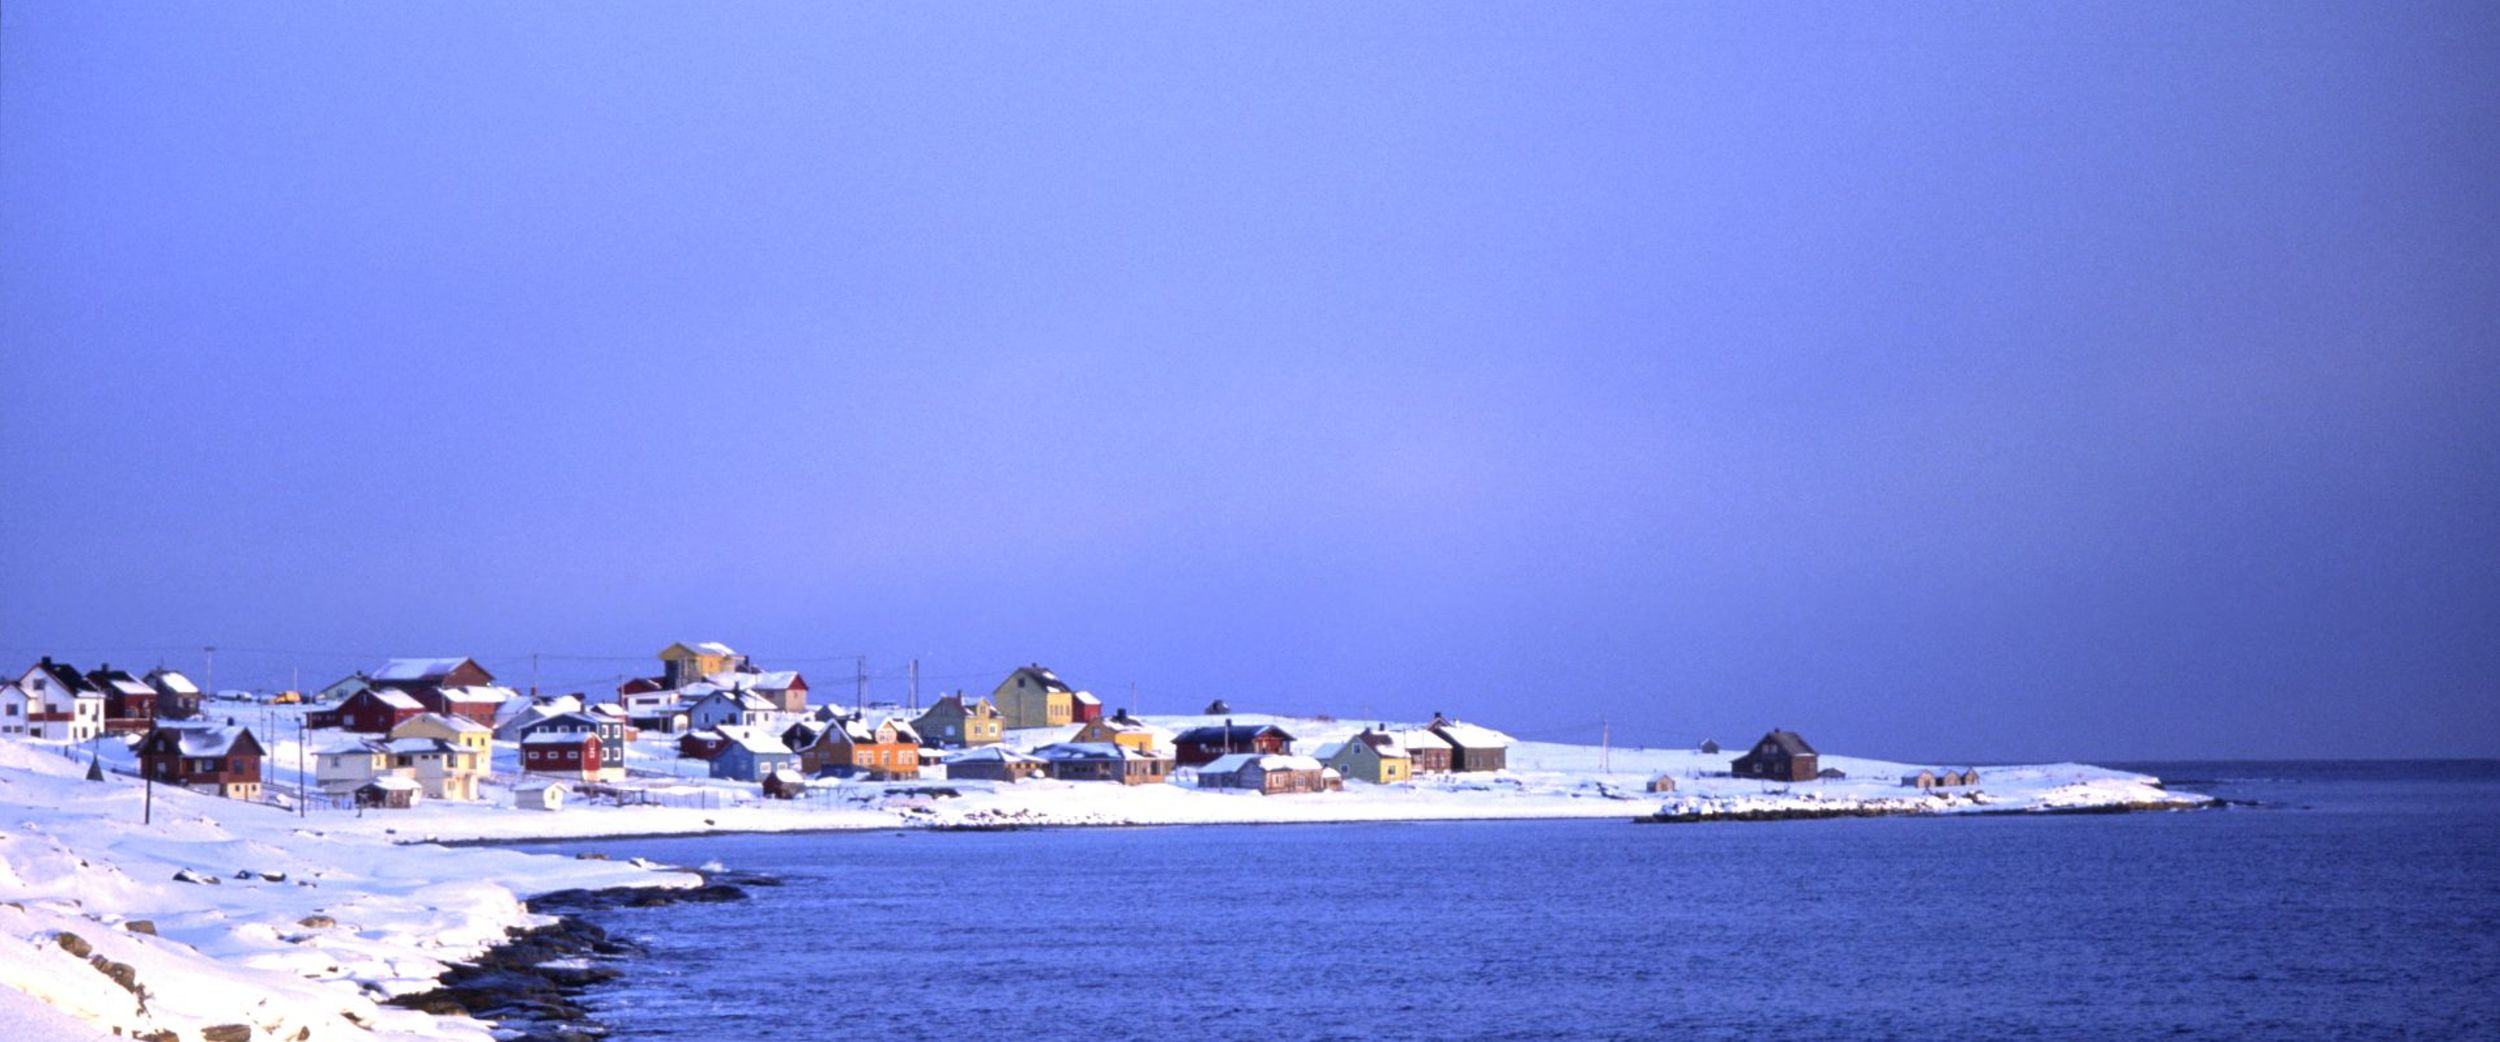 Vadsø in the winter. Photo: Jarkko Autero, nordnorge.com